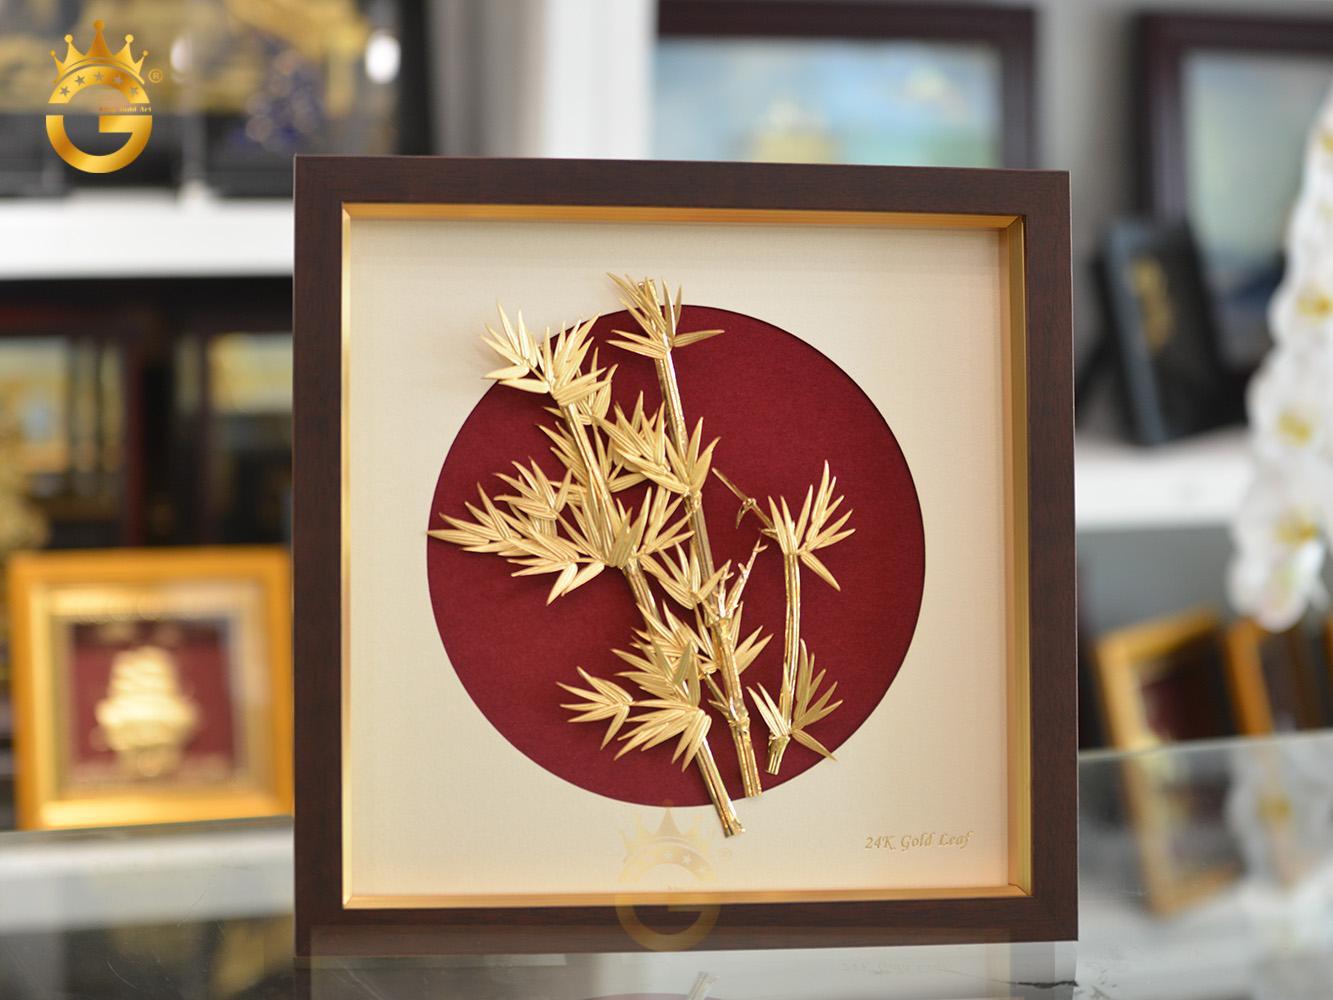 Tranh trúc quân tử bằng vàng - bộ mai lan trúc cúc